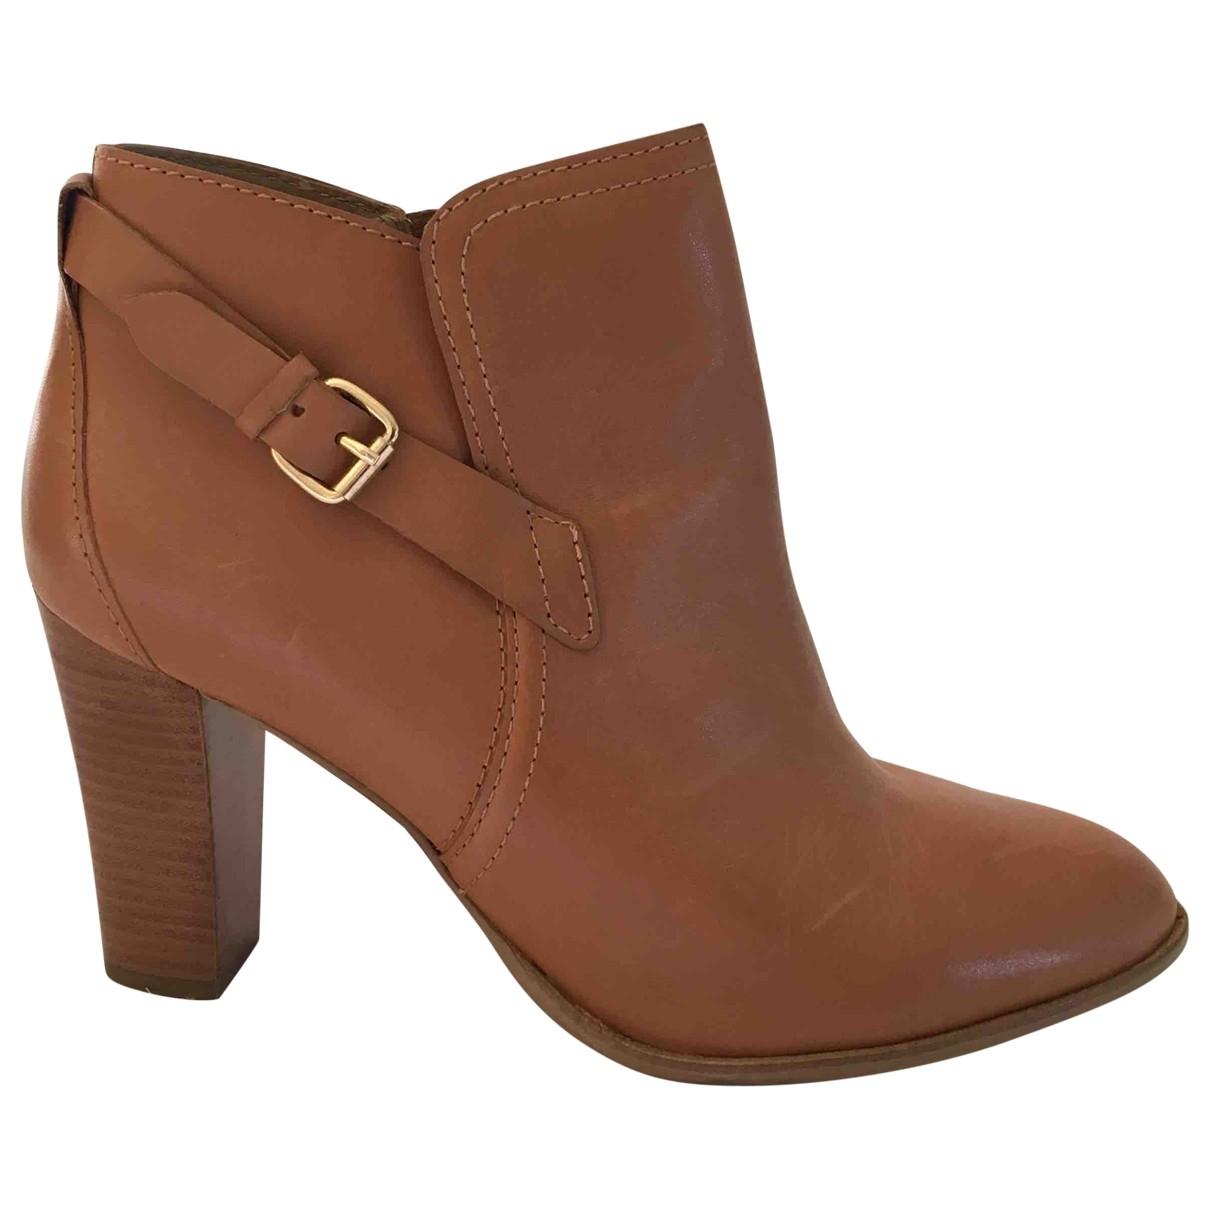 Reiss - Boots   pour femme en cuir - marron